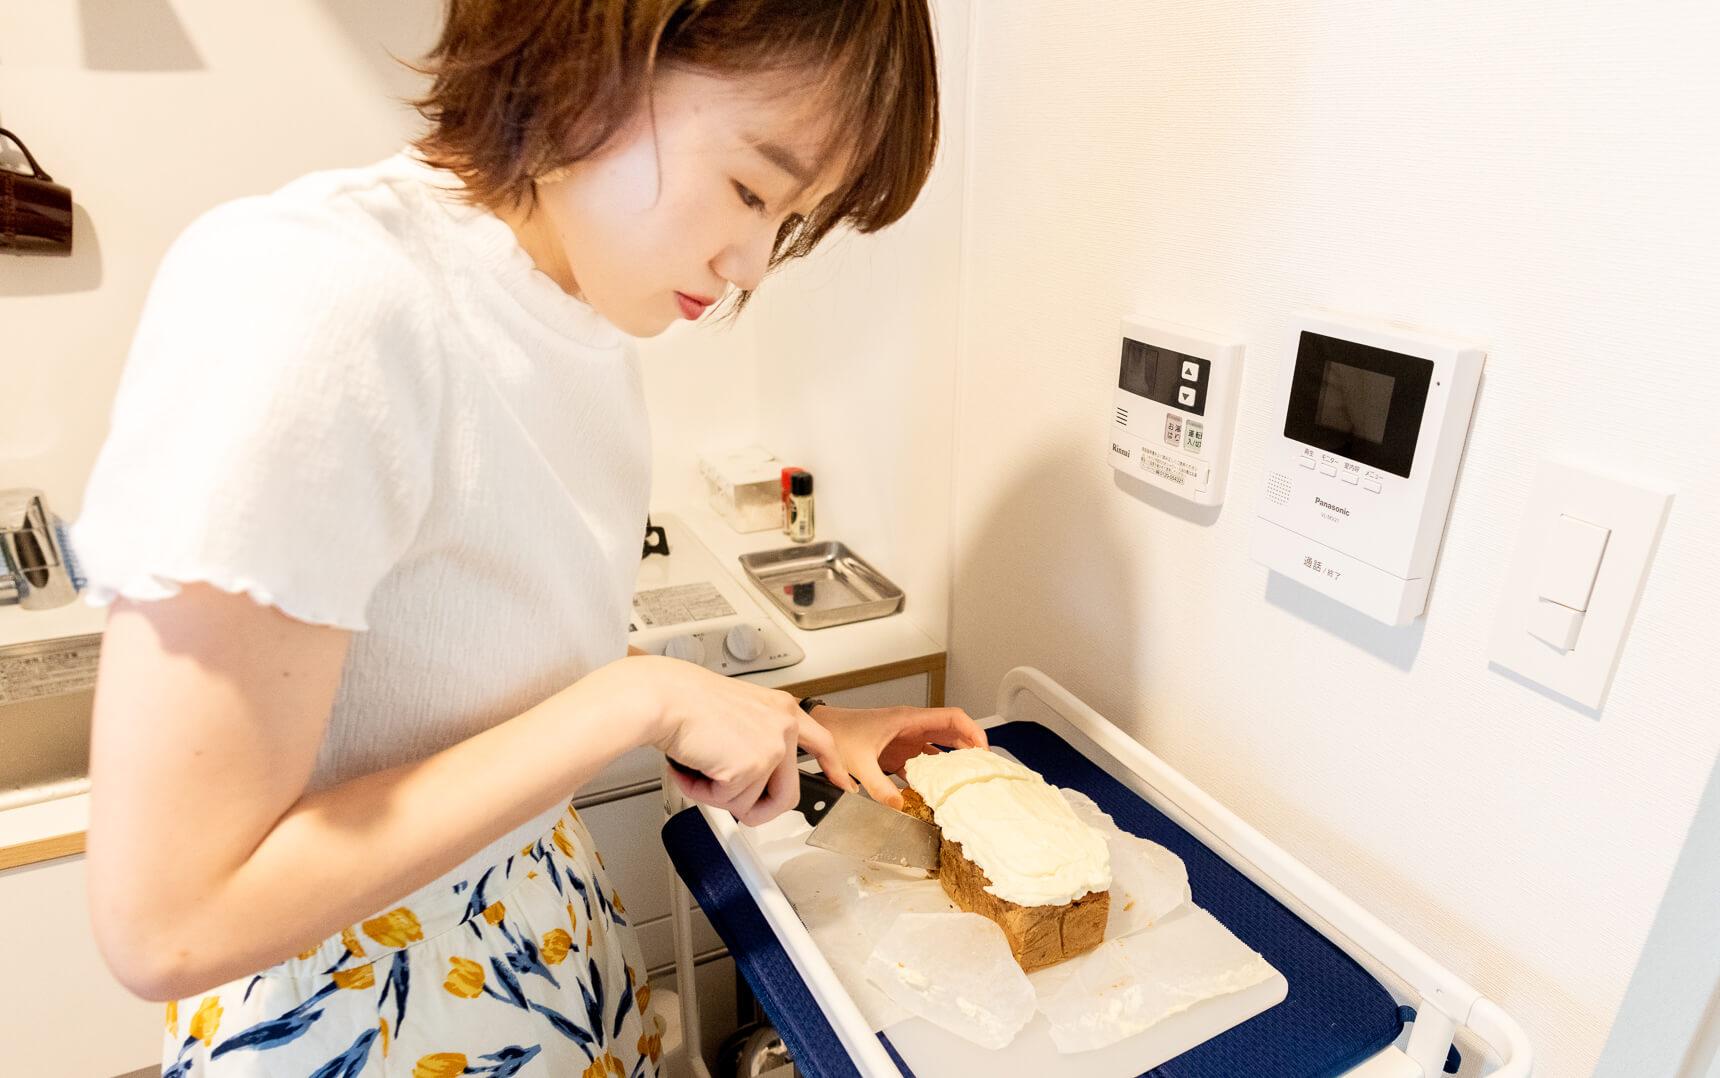 「リフレッシュのために毎週ケーキを焼きます」すごい! すてき!